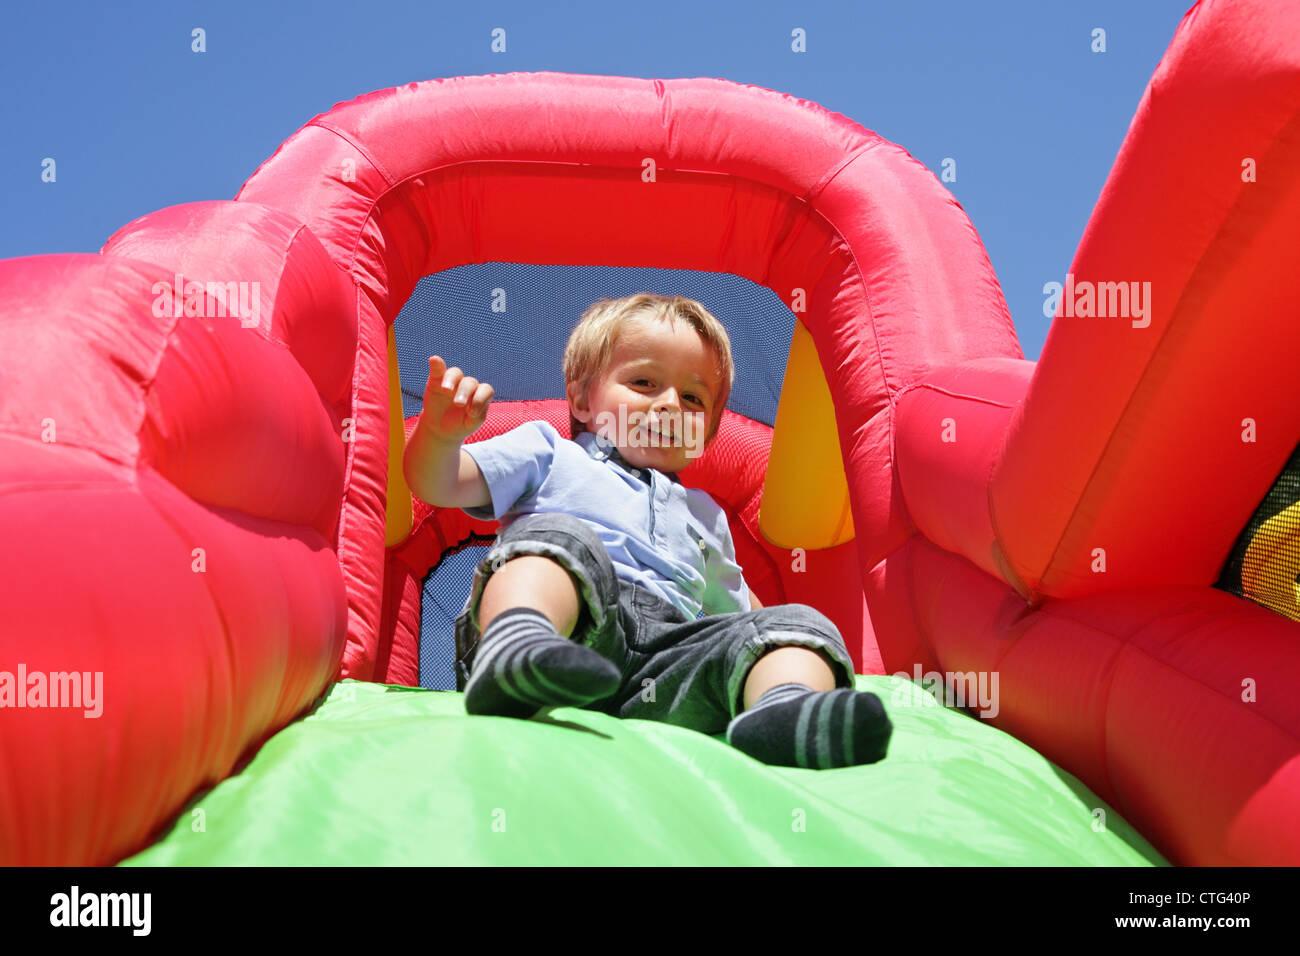 Kind auf aufblasbare Hüpfburg Rutsche Stockfoto